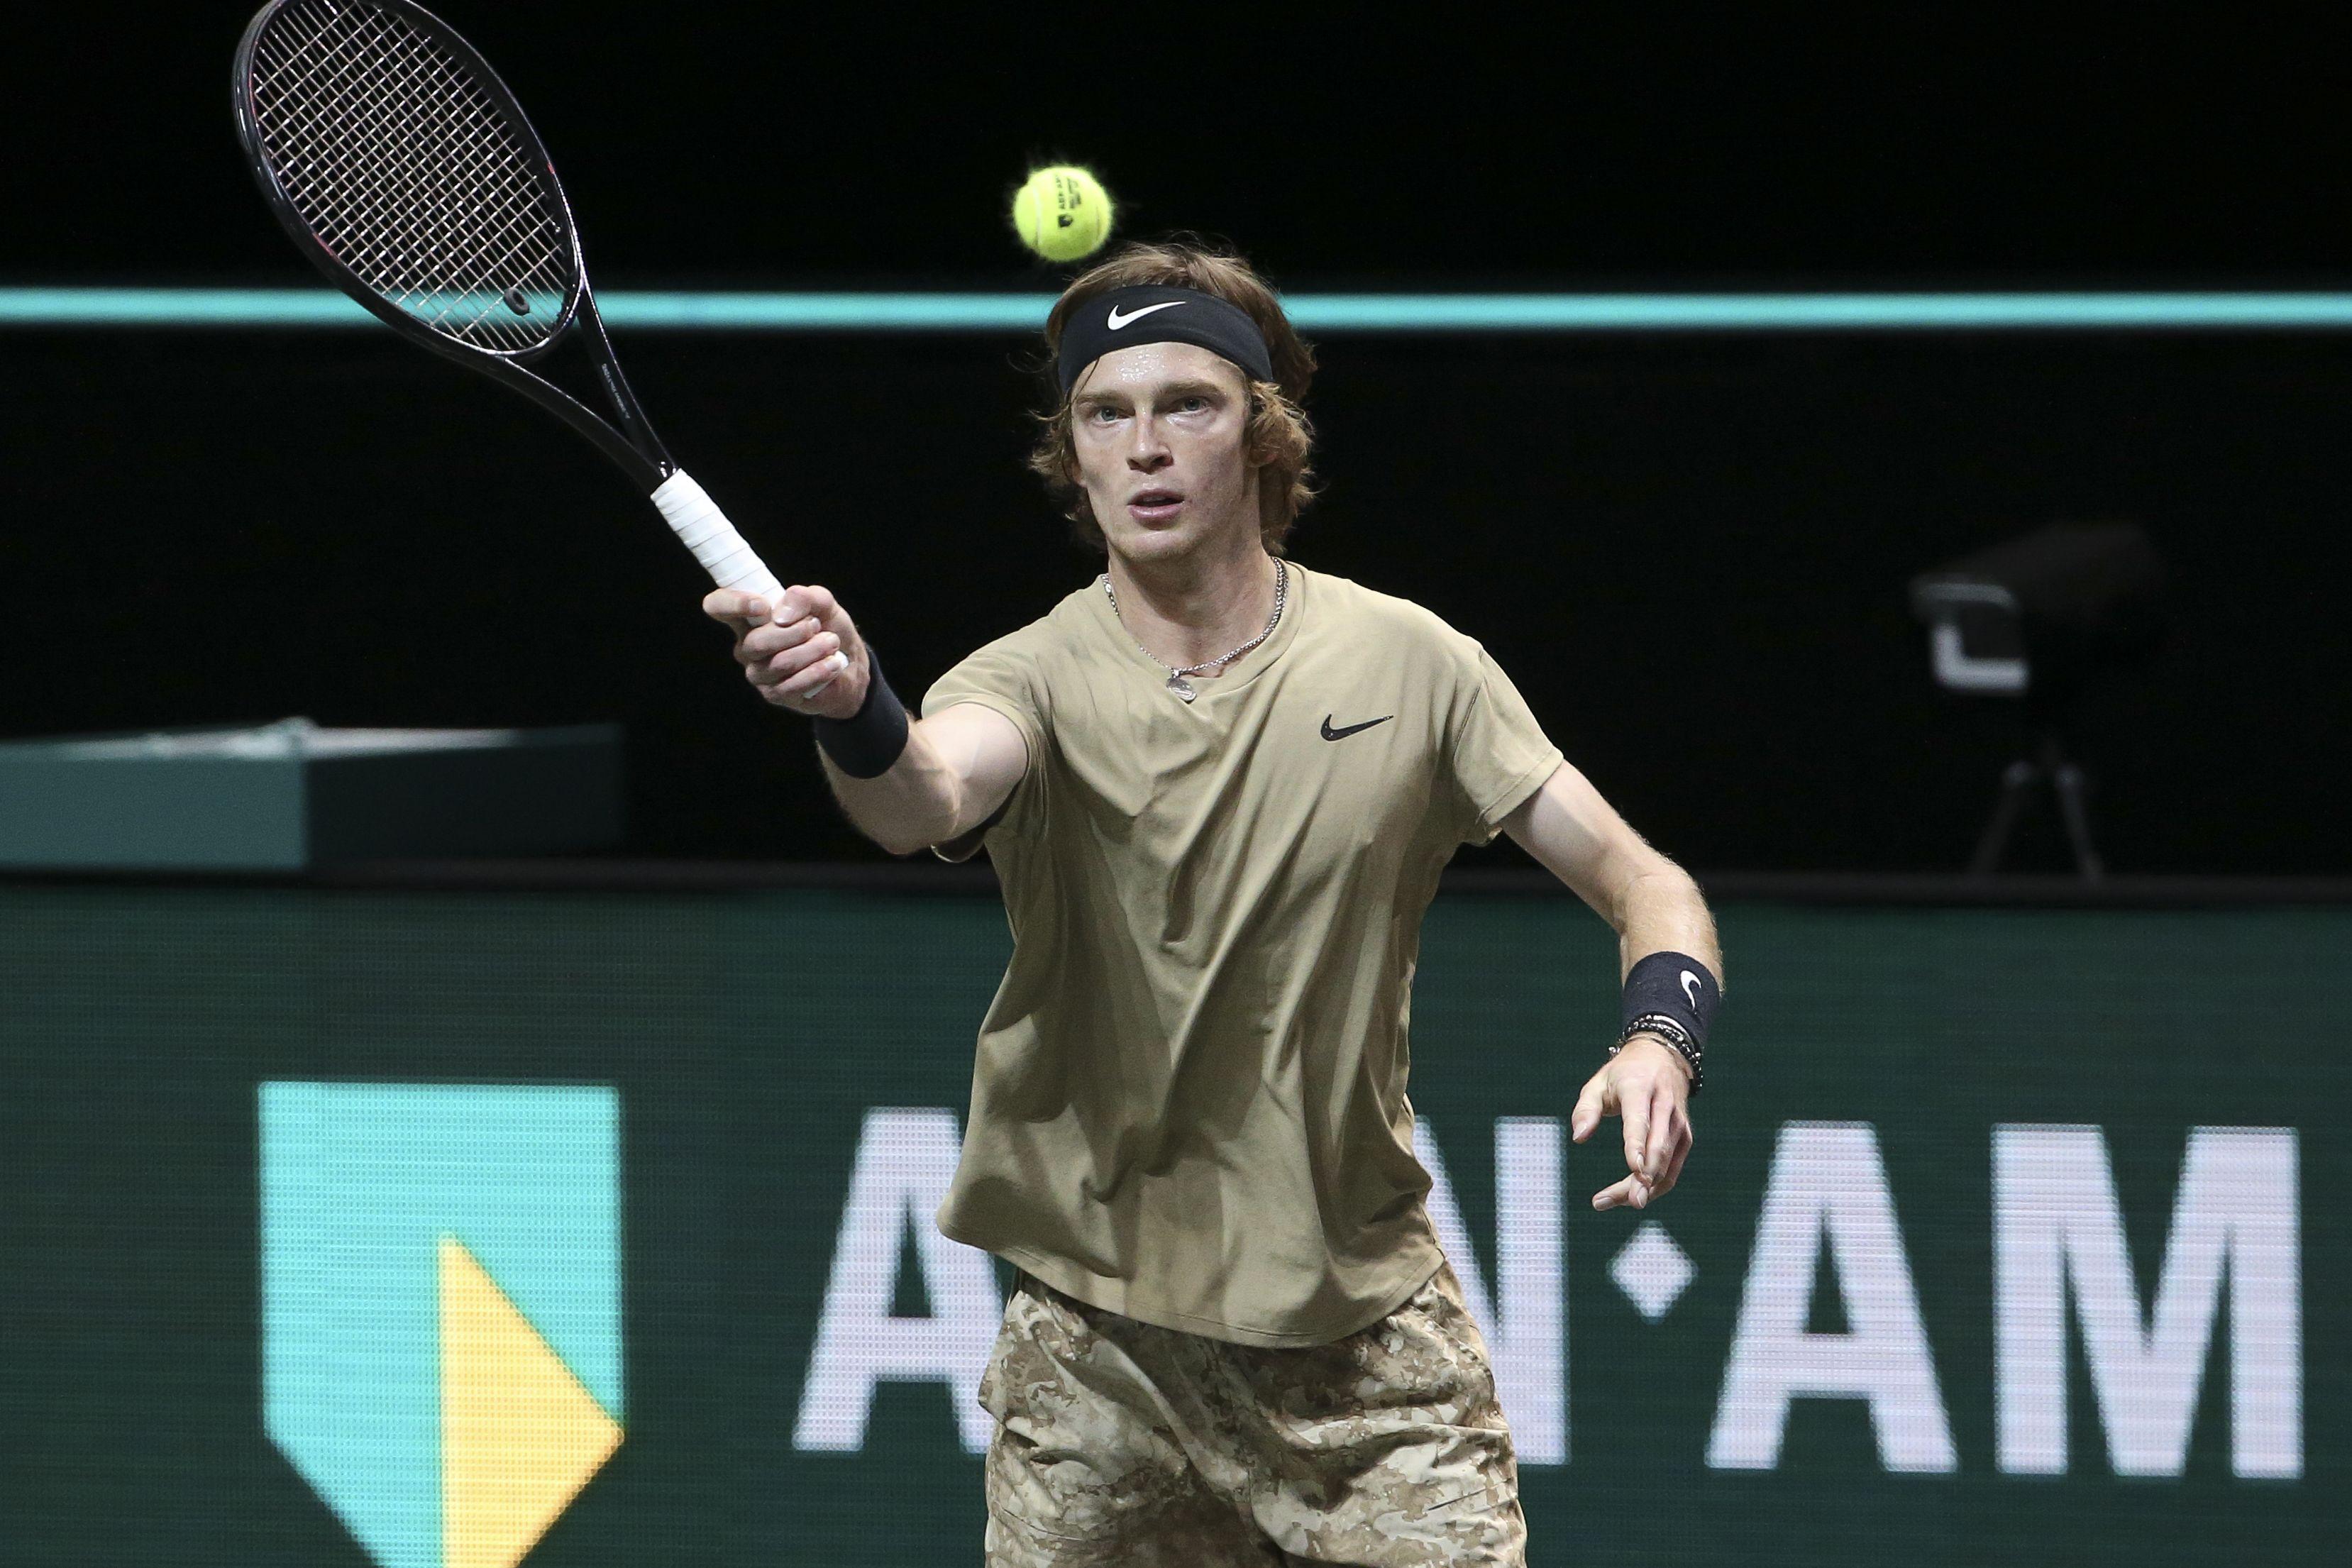 Рублёв вышел в полуфинал турнира в Дохе, не сыграв ни одного матча